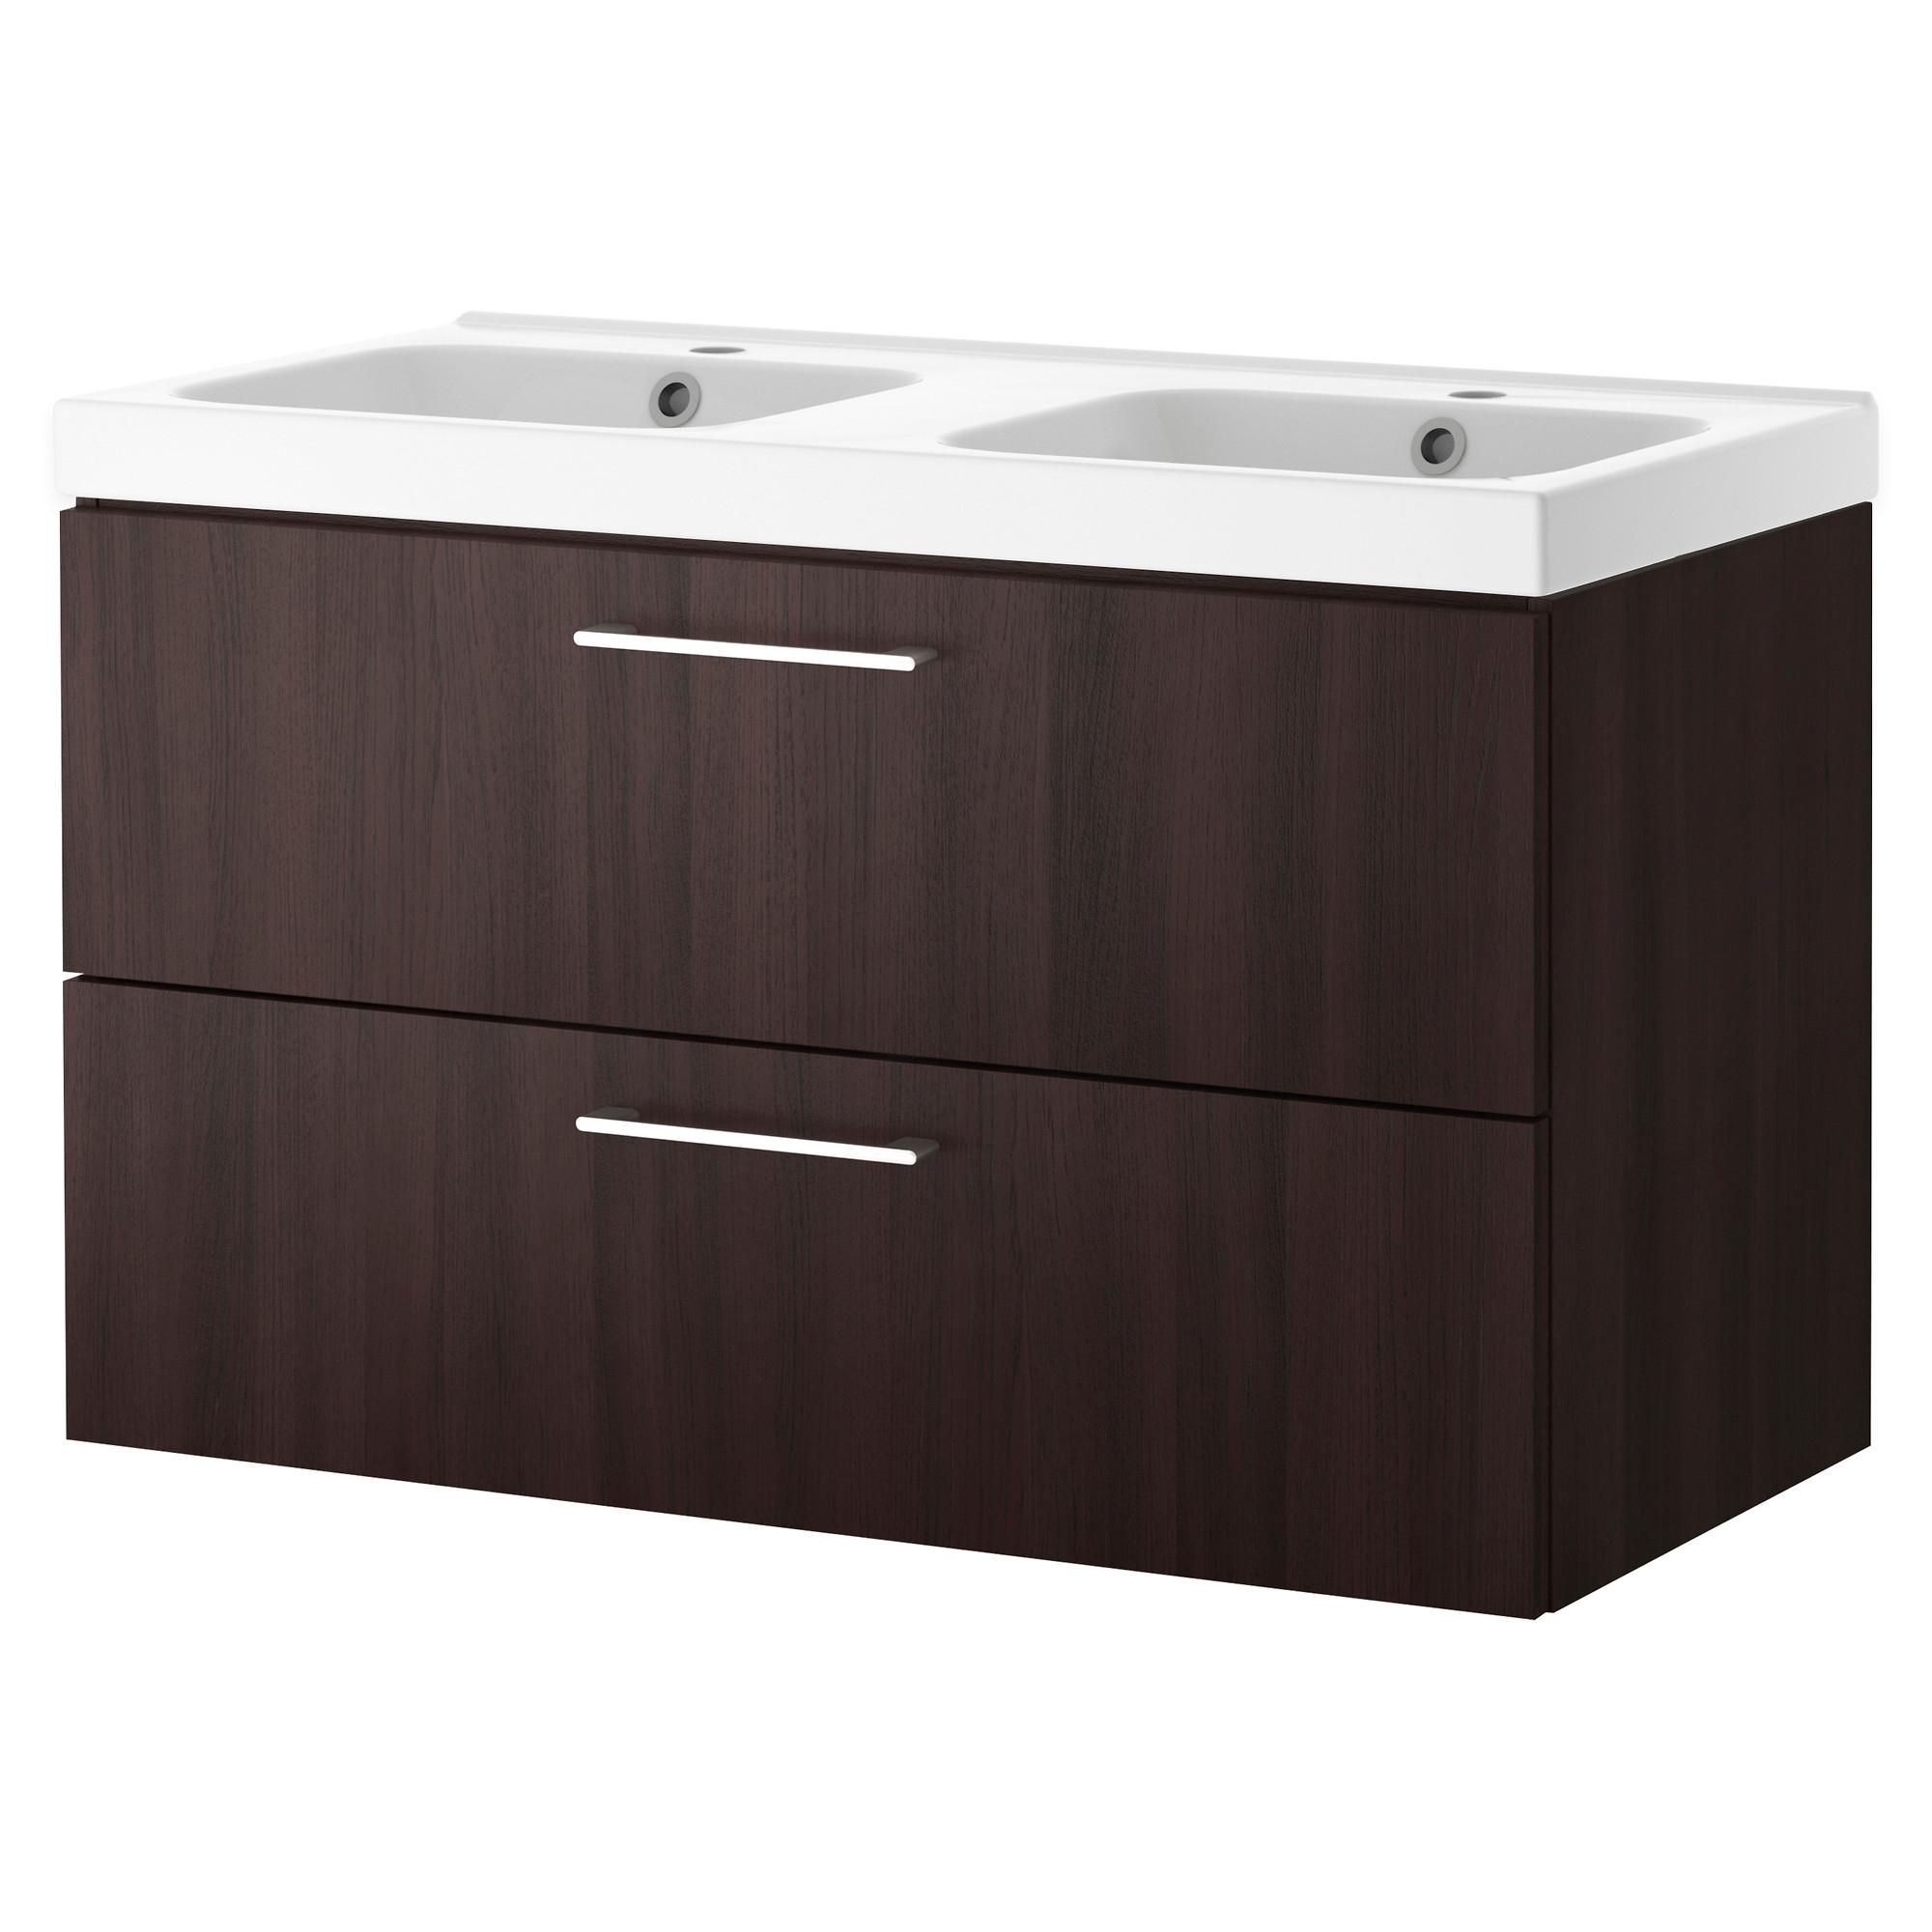 Godmorgon odensvik doble armario lavabo 2 cajones 100cm - Armario lavabo ikea ...